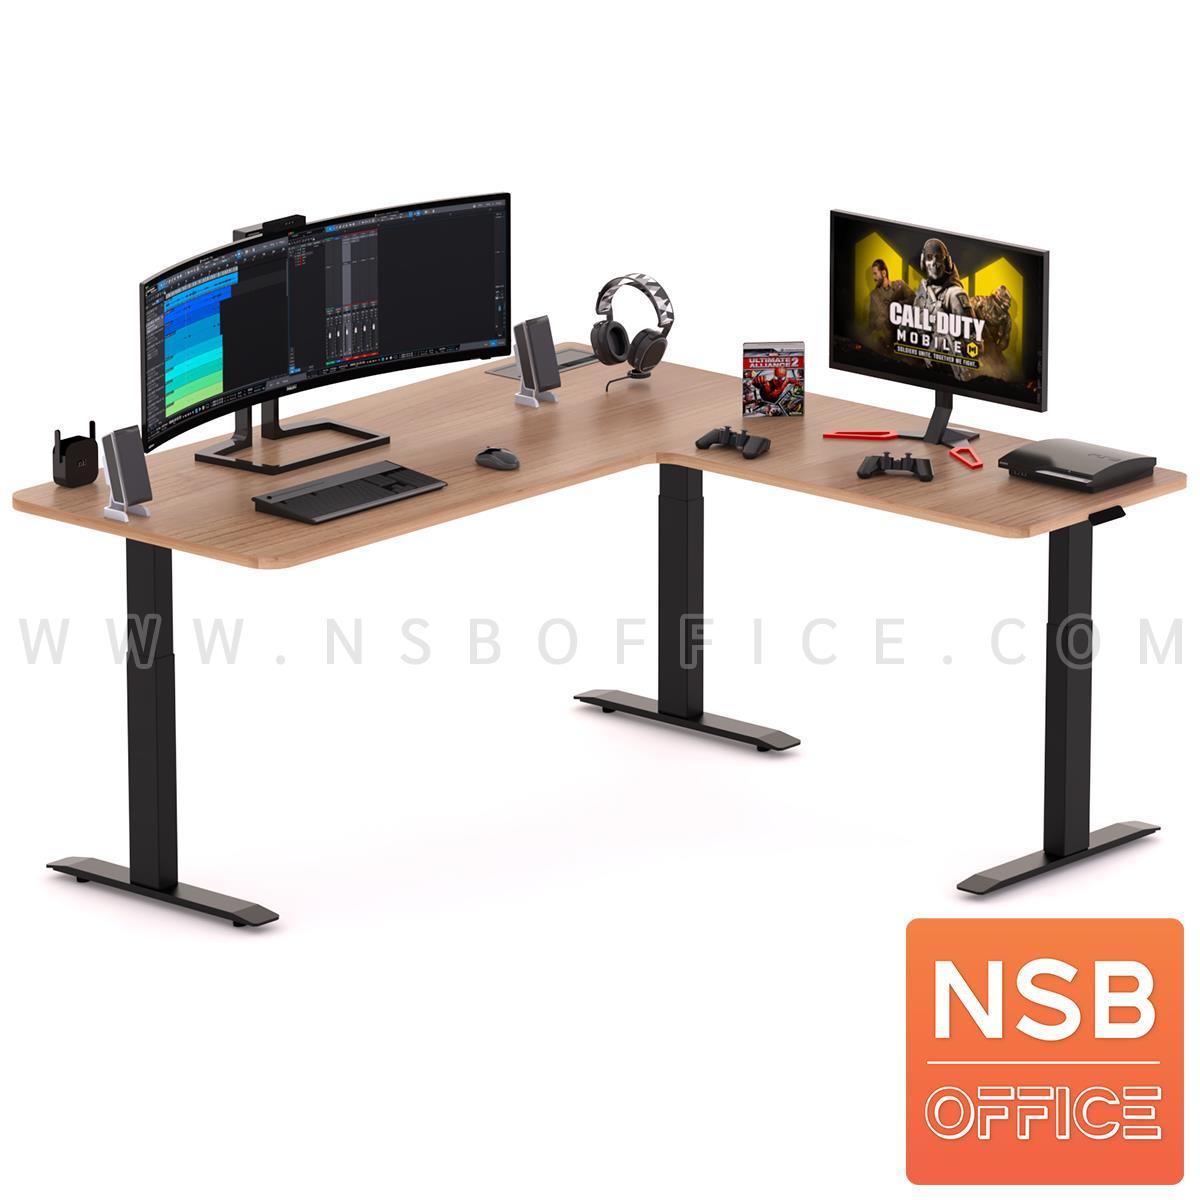 โต๊ะทำงานปรับระดับ Sit 2 Stand ทรงตัวแอล รุ่น Carmelo (คาร์เมโล่) ขนาด 160W, 180W cm.  พร้อมป็อปอัพรุ่น A24A057